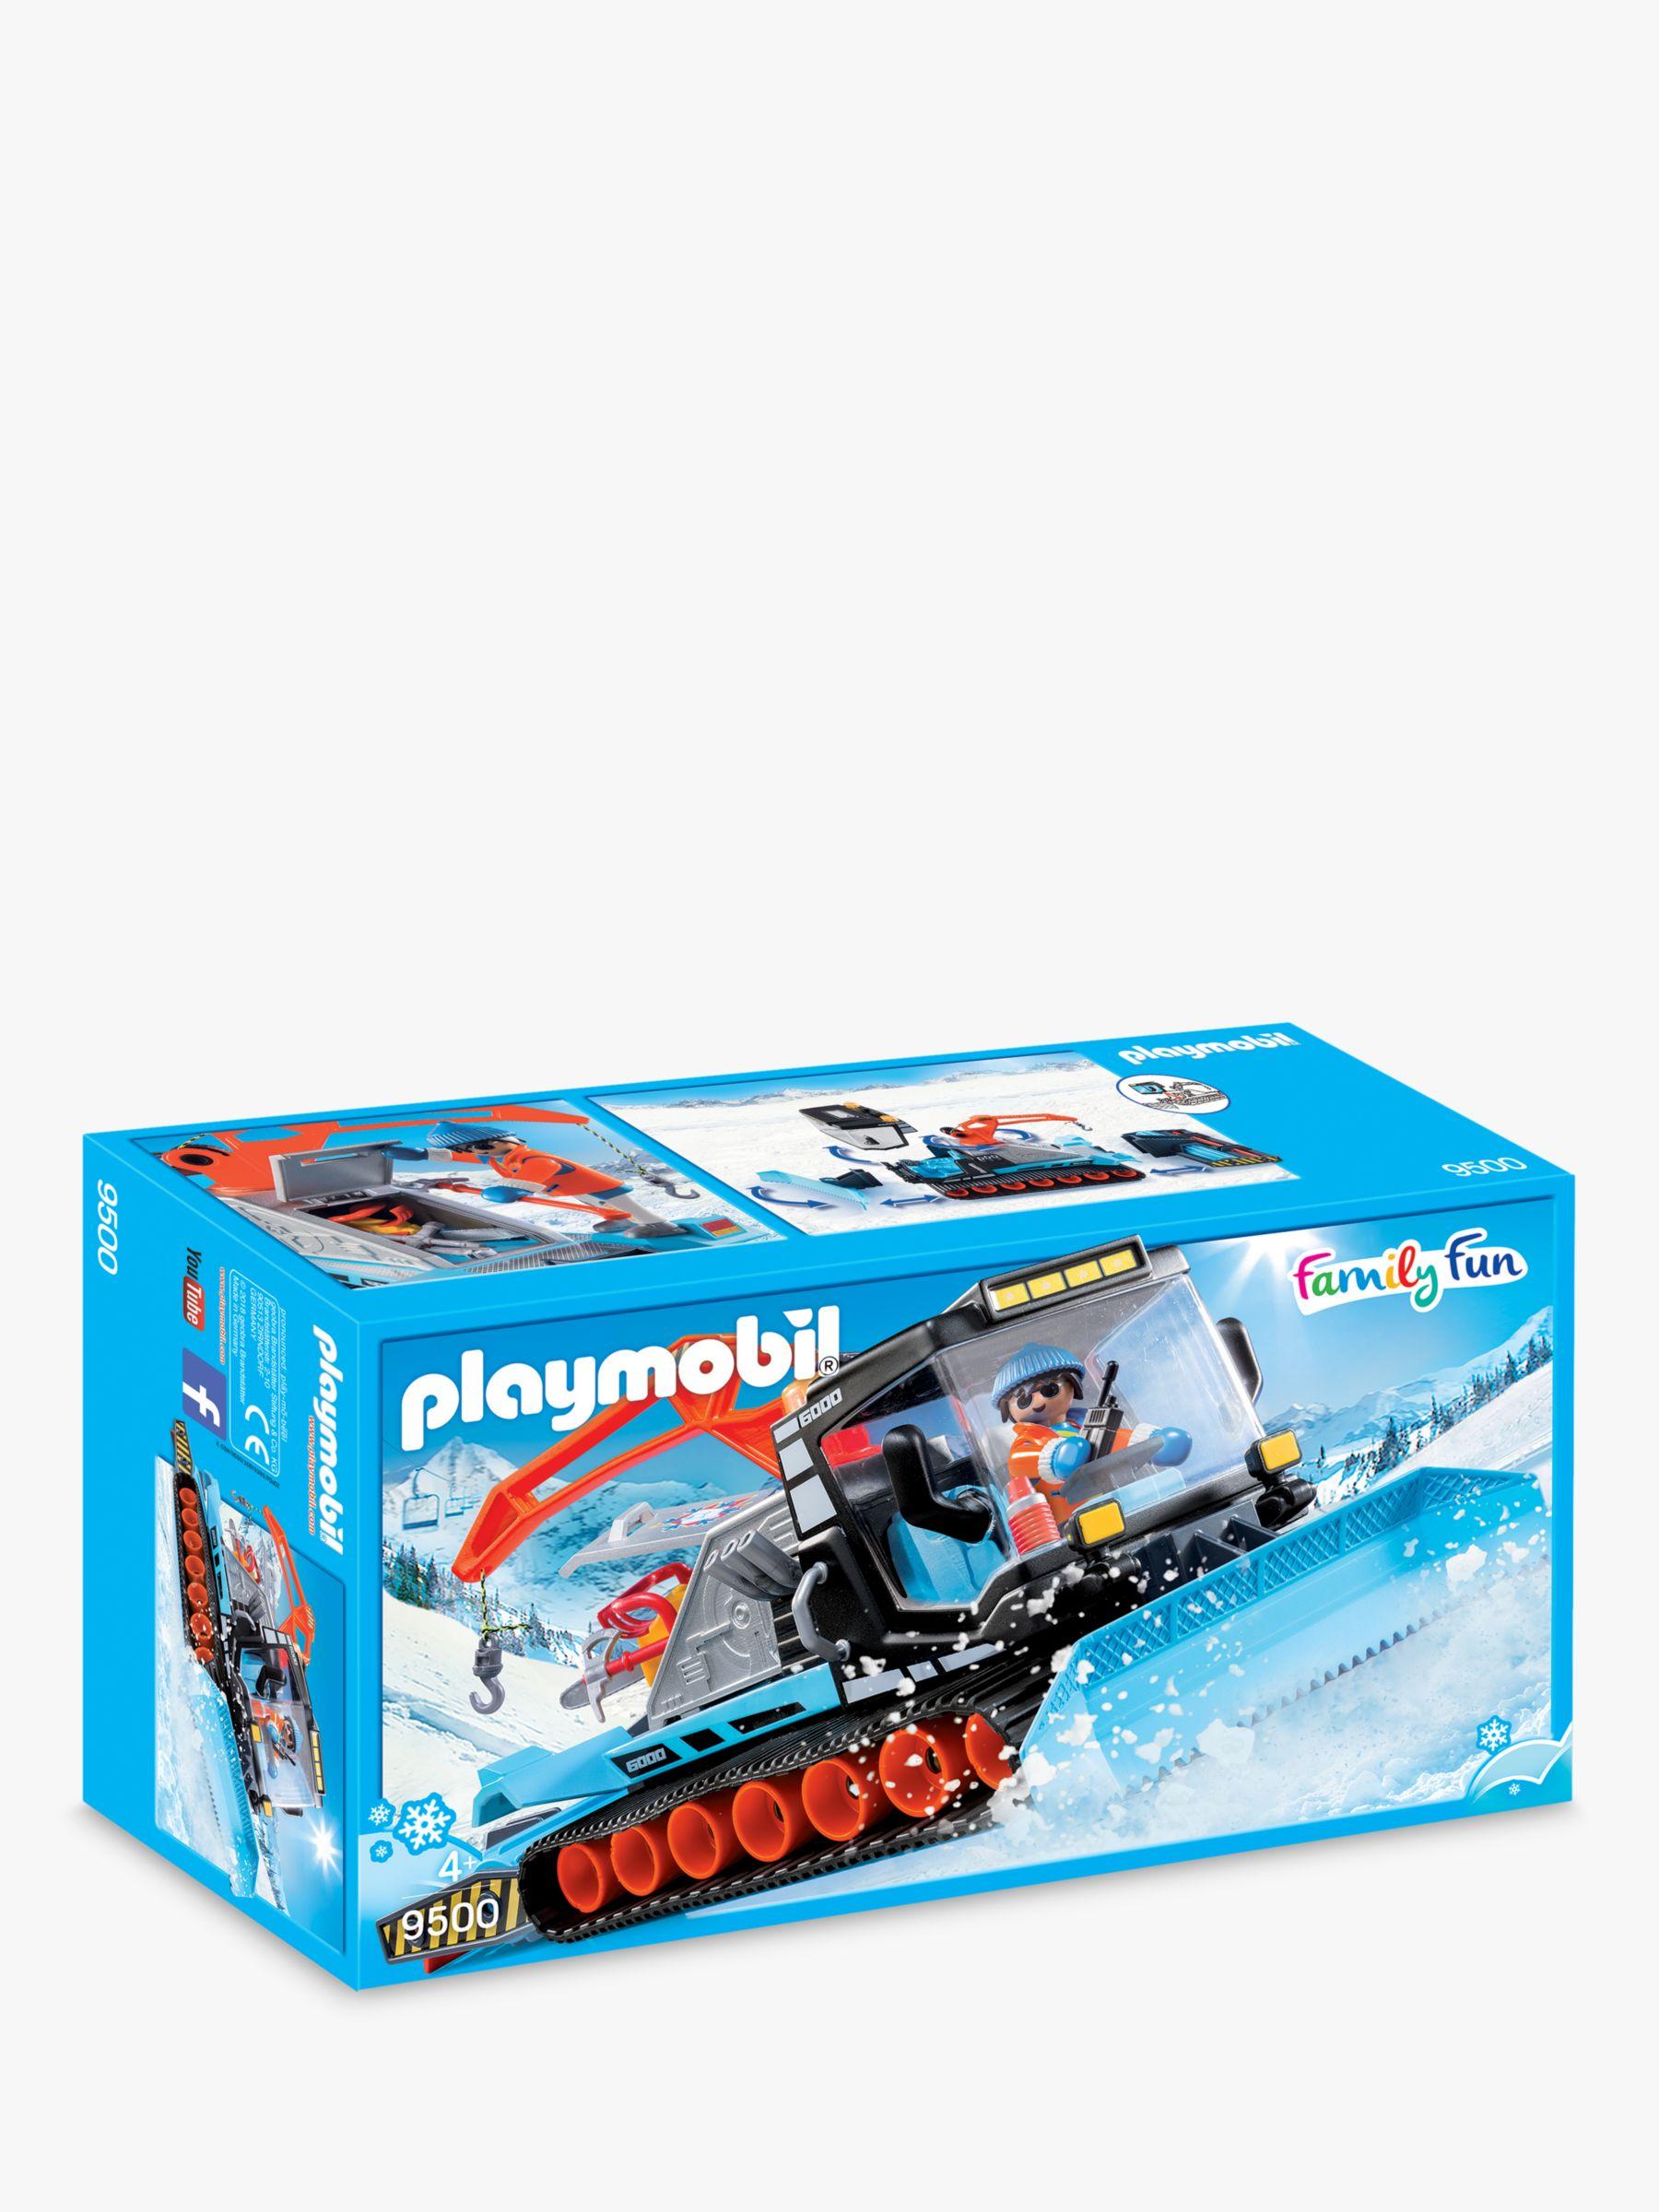 PLAYMOBIL Playmobil Family Fun 9500 Snow Plough